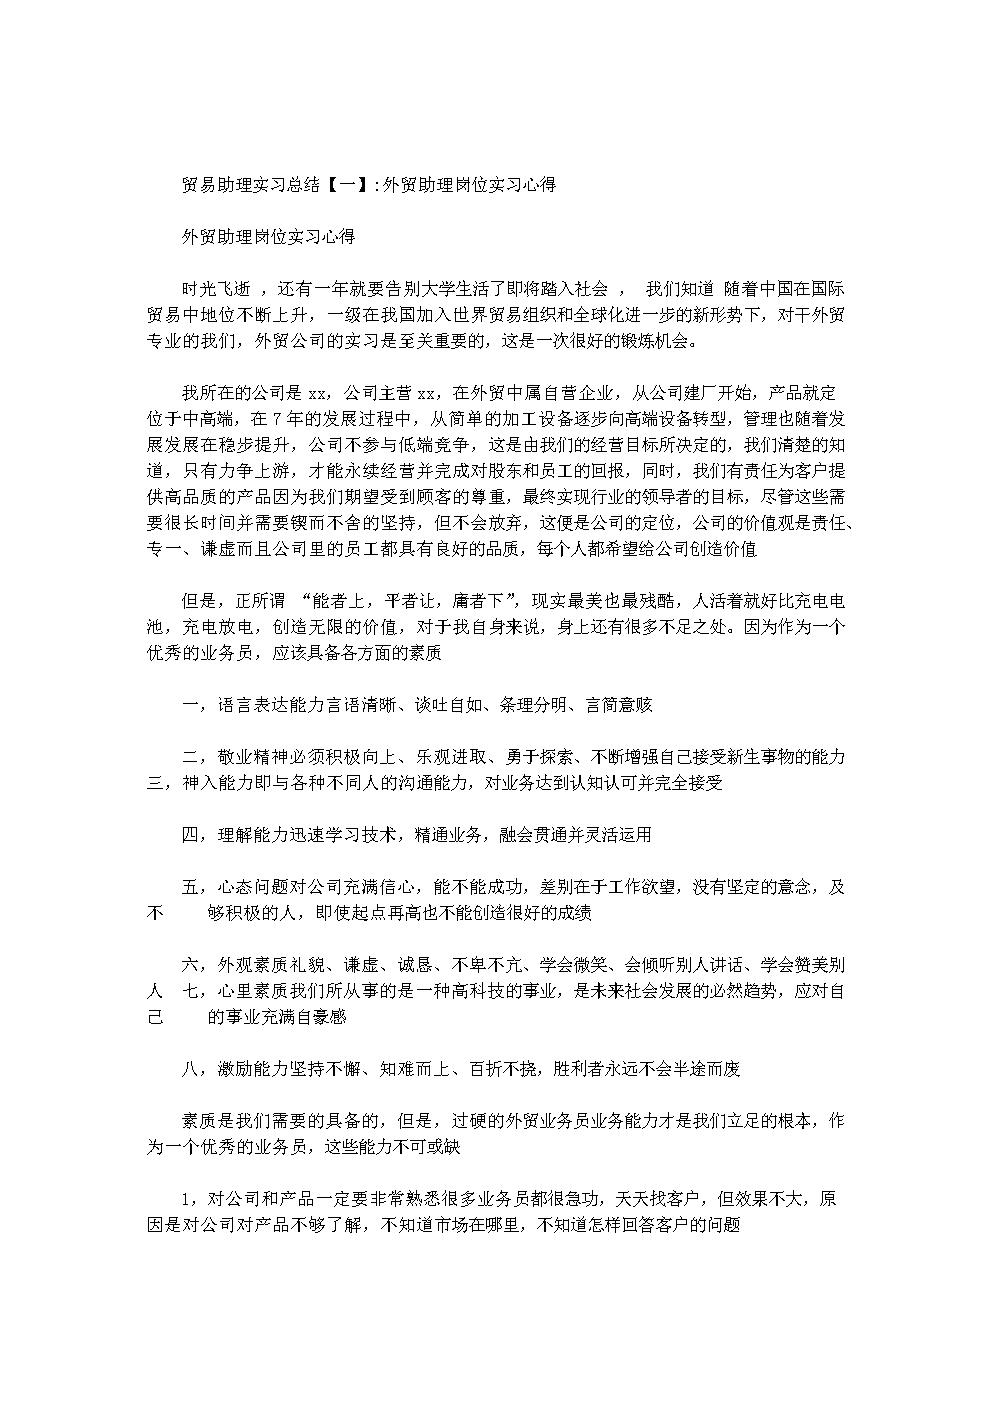 贸易助理实习总结范文.doc